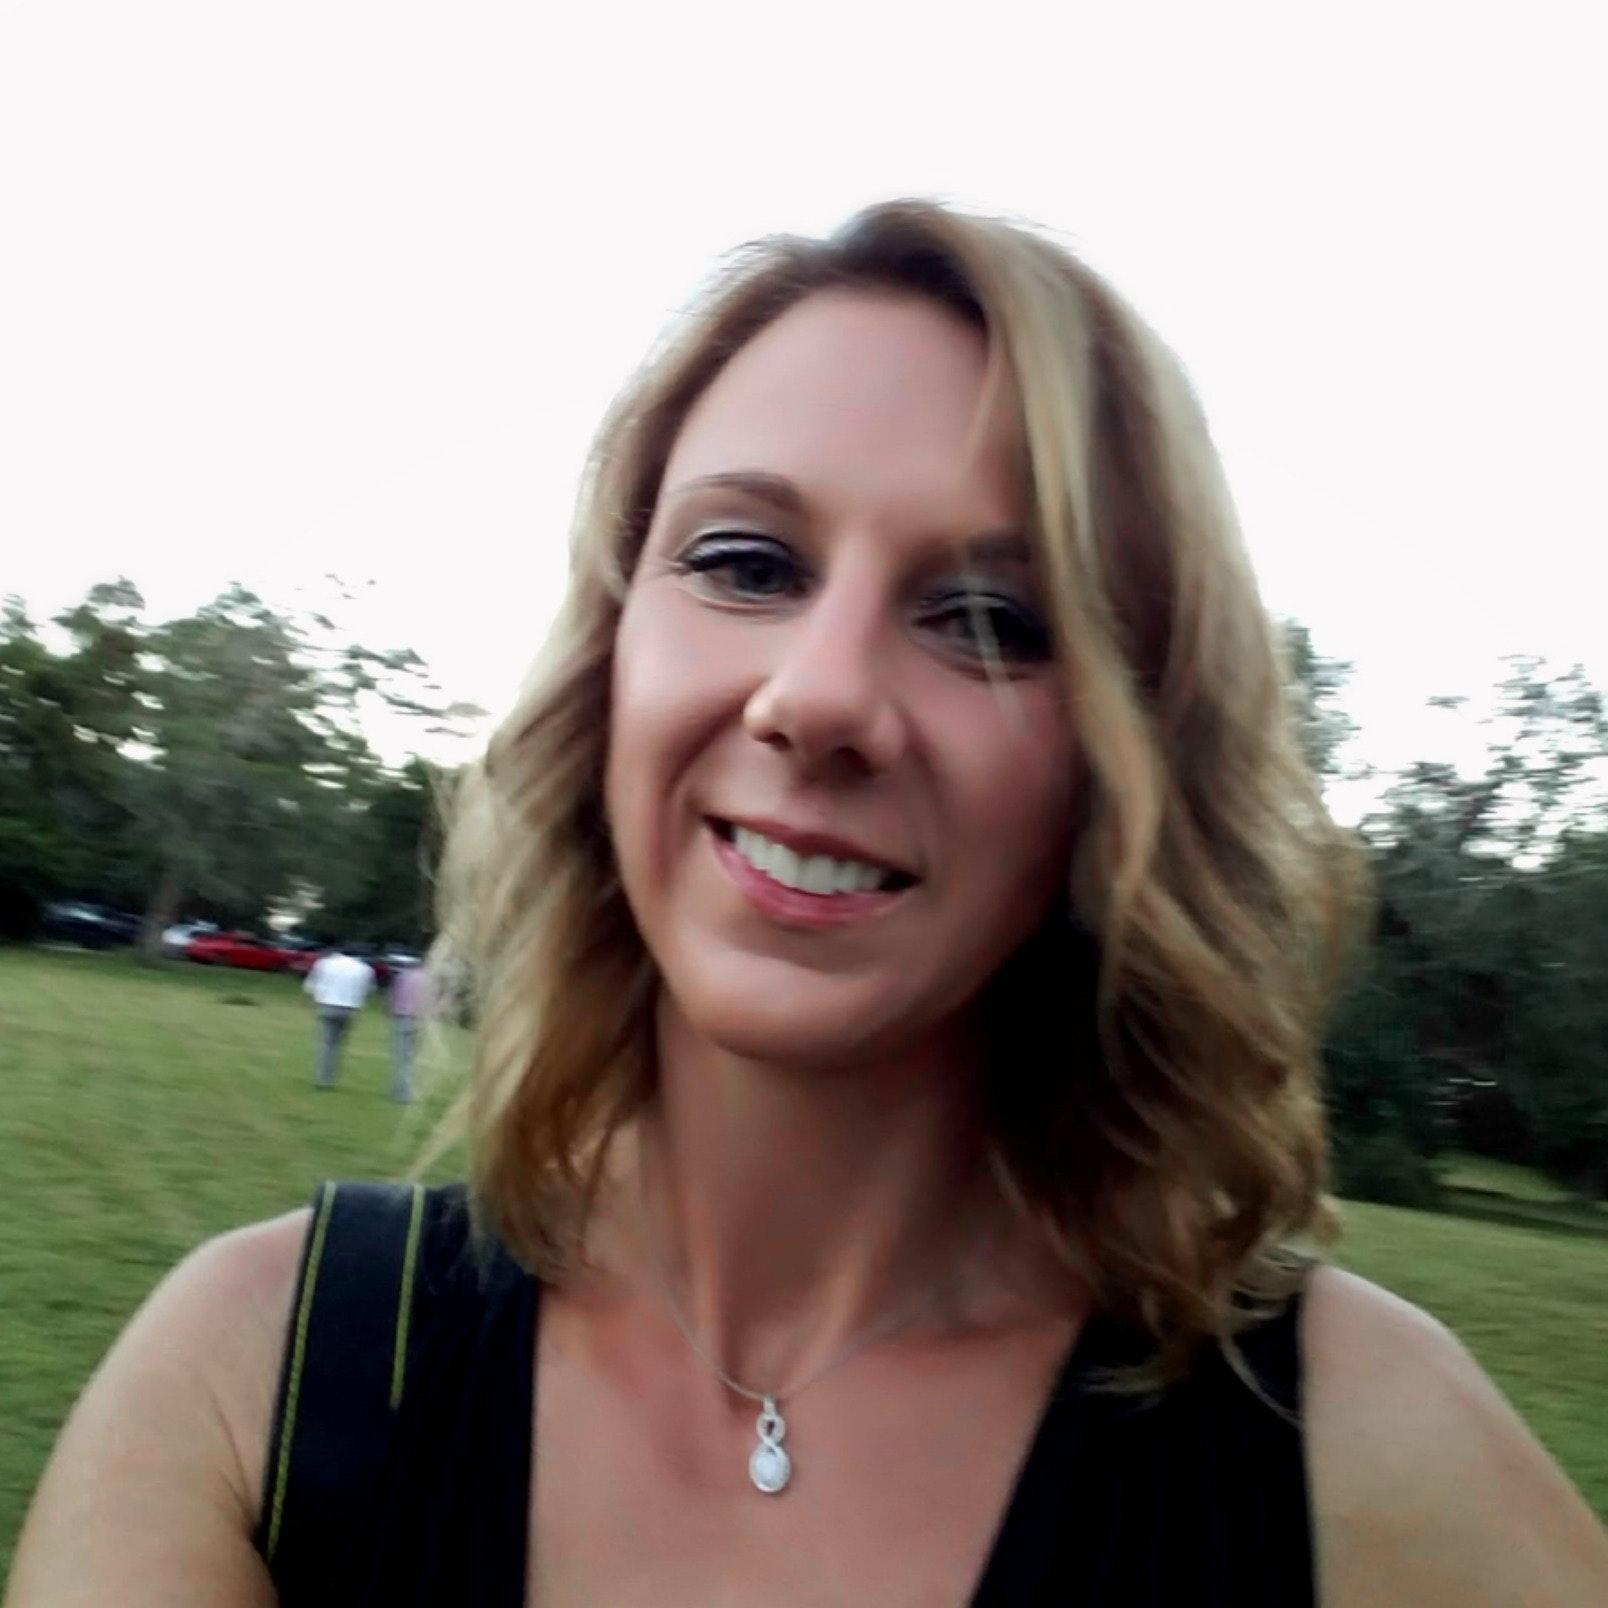 Jenn S.